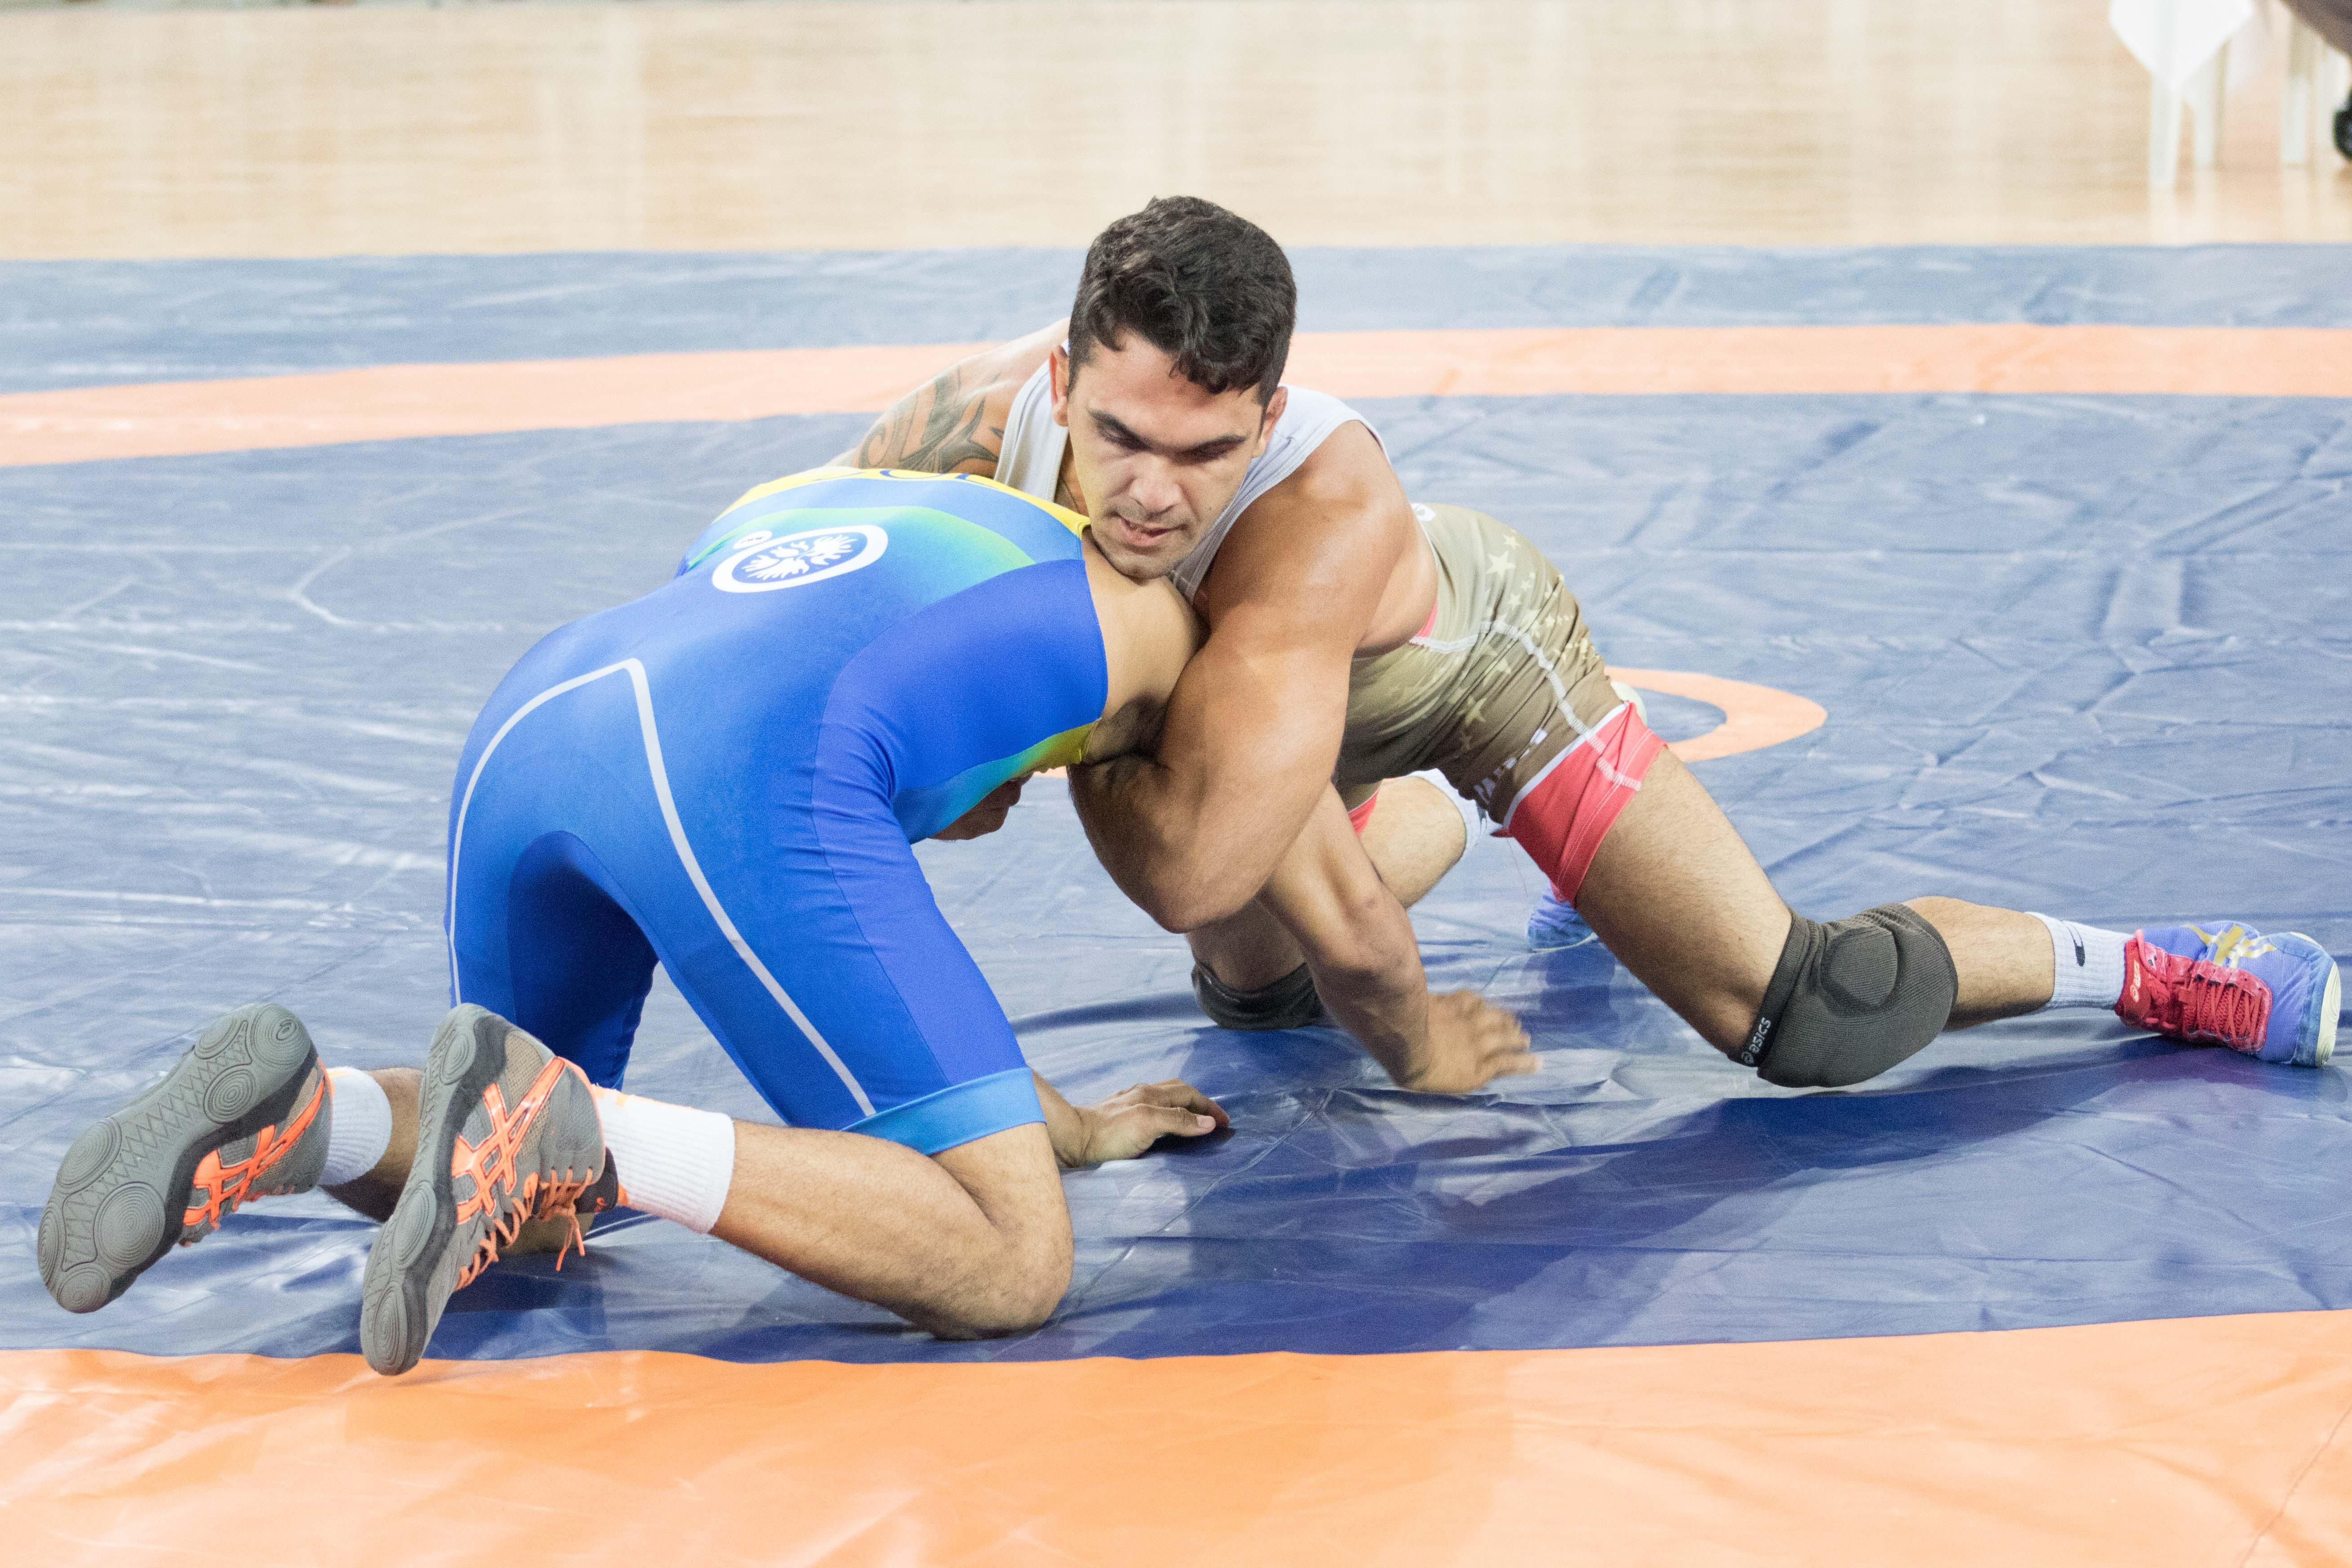 Filipe Esteves de vermelho foi o único brasileiro a ganhar medalha de ouro no estilo livre ( Foto: Ruiva Fight)